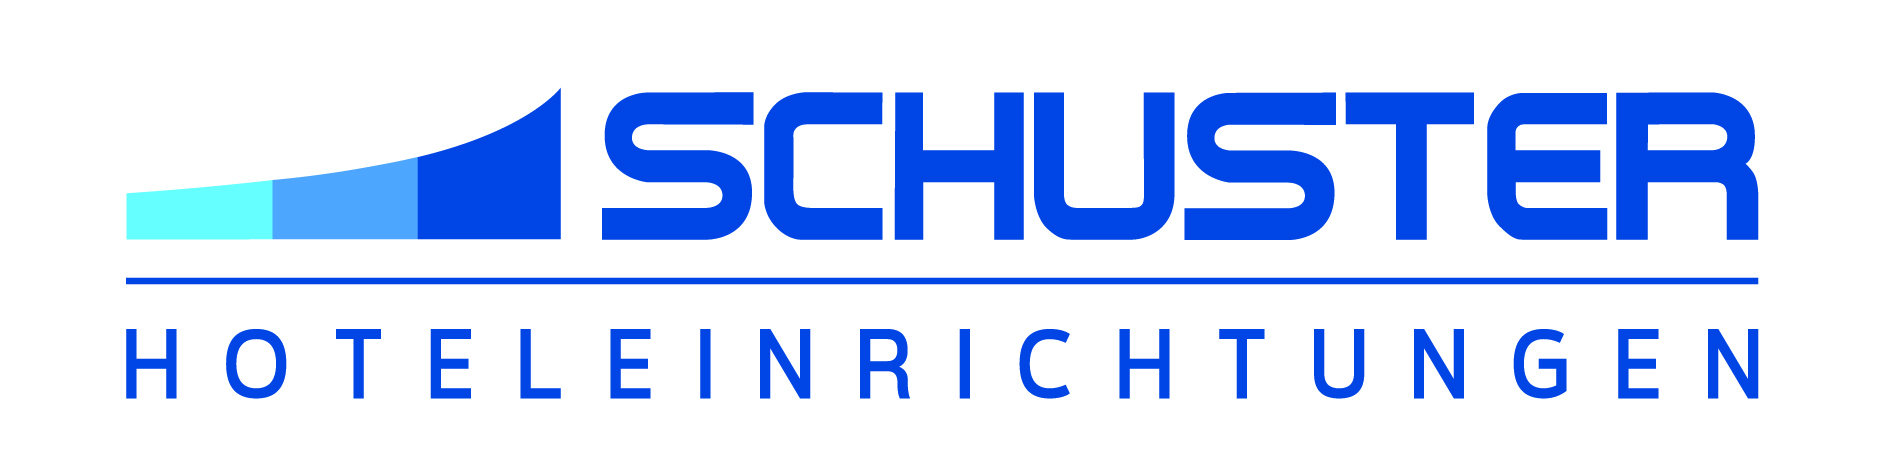 Schuster Hoteleinrichtungen - Partnernetzwerk der Top Private Hotels